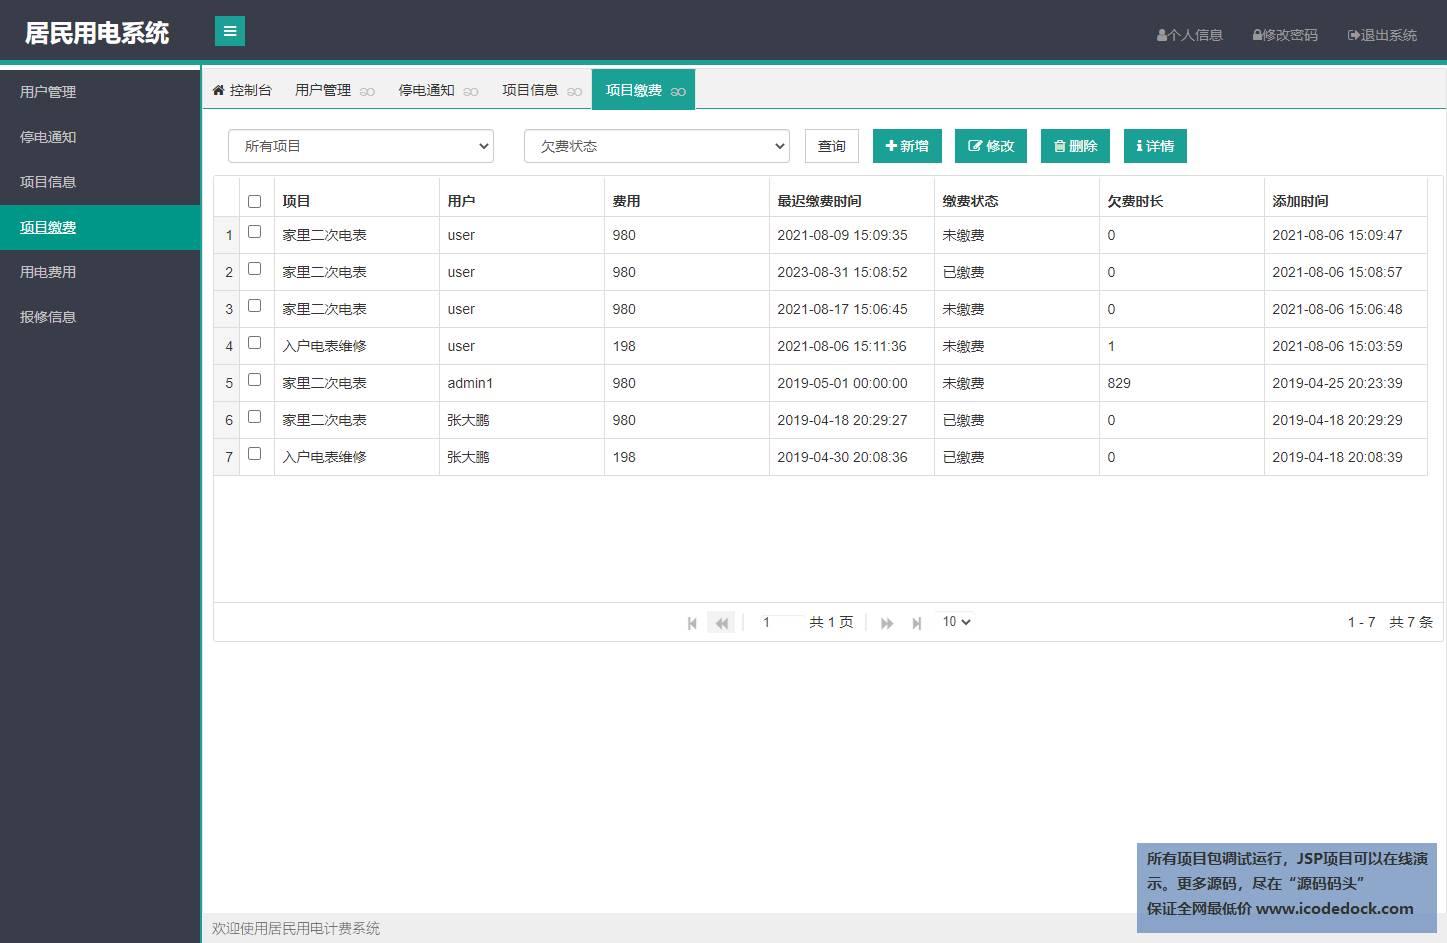 源码码头-SSM居民用电计费管理系统-管理员角色-项目缴费管理